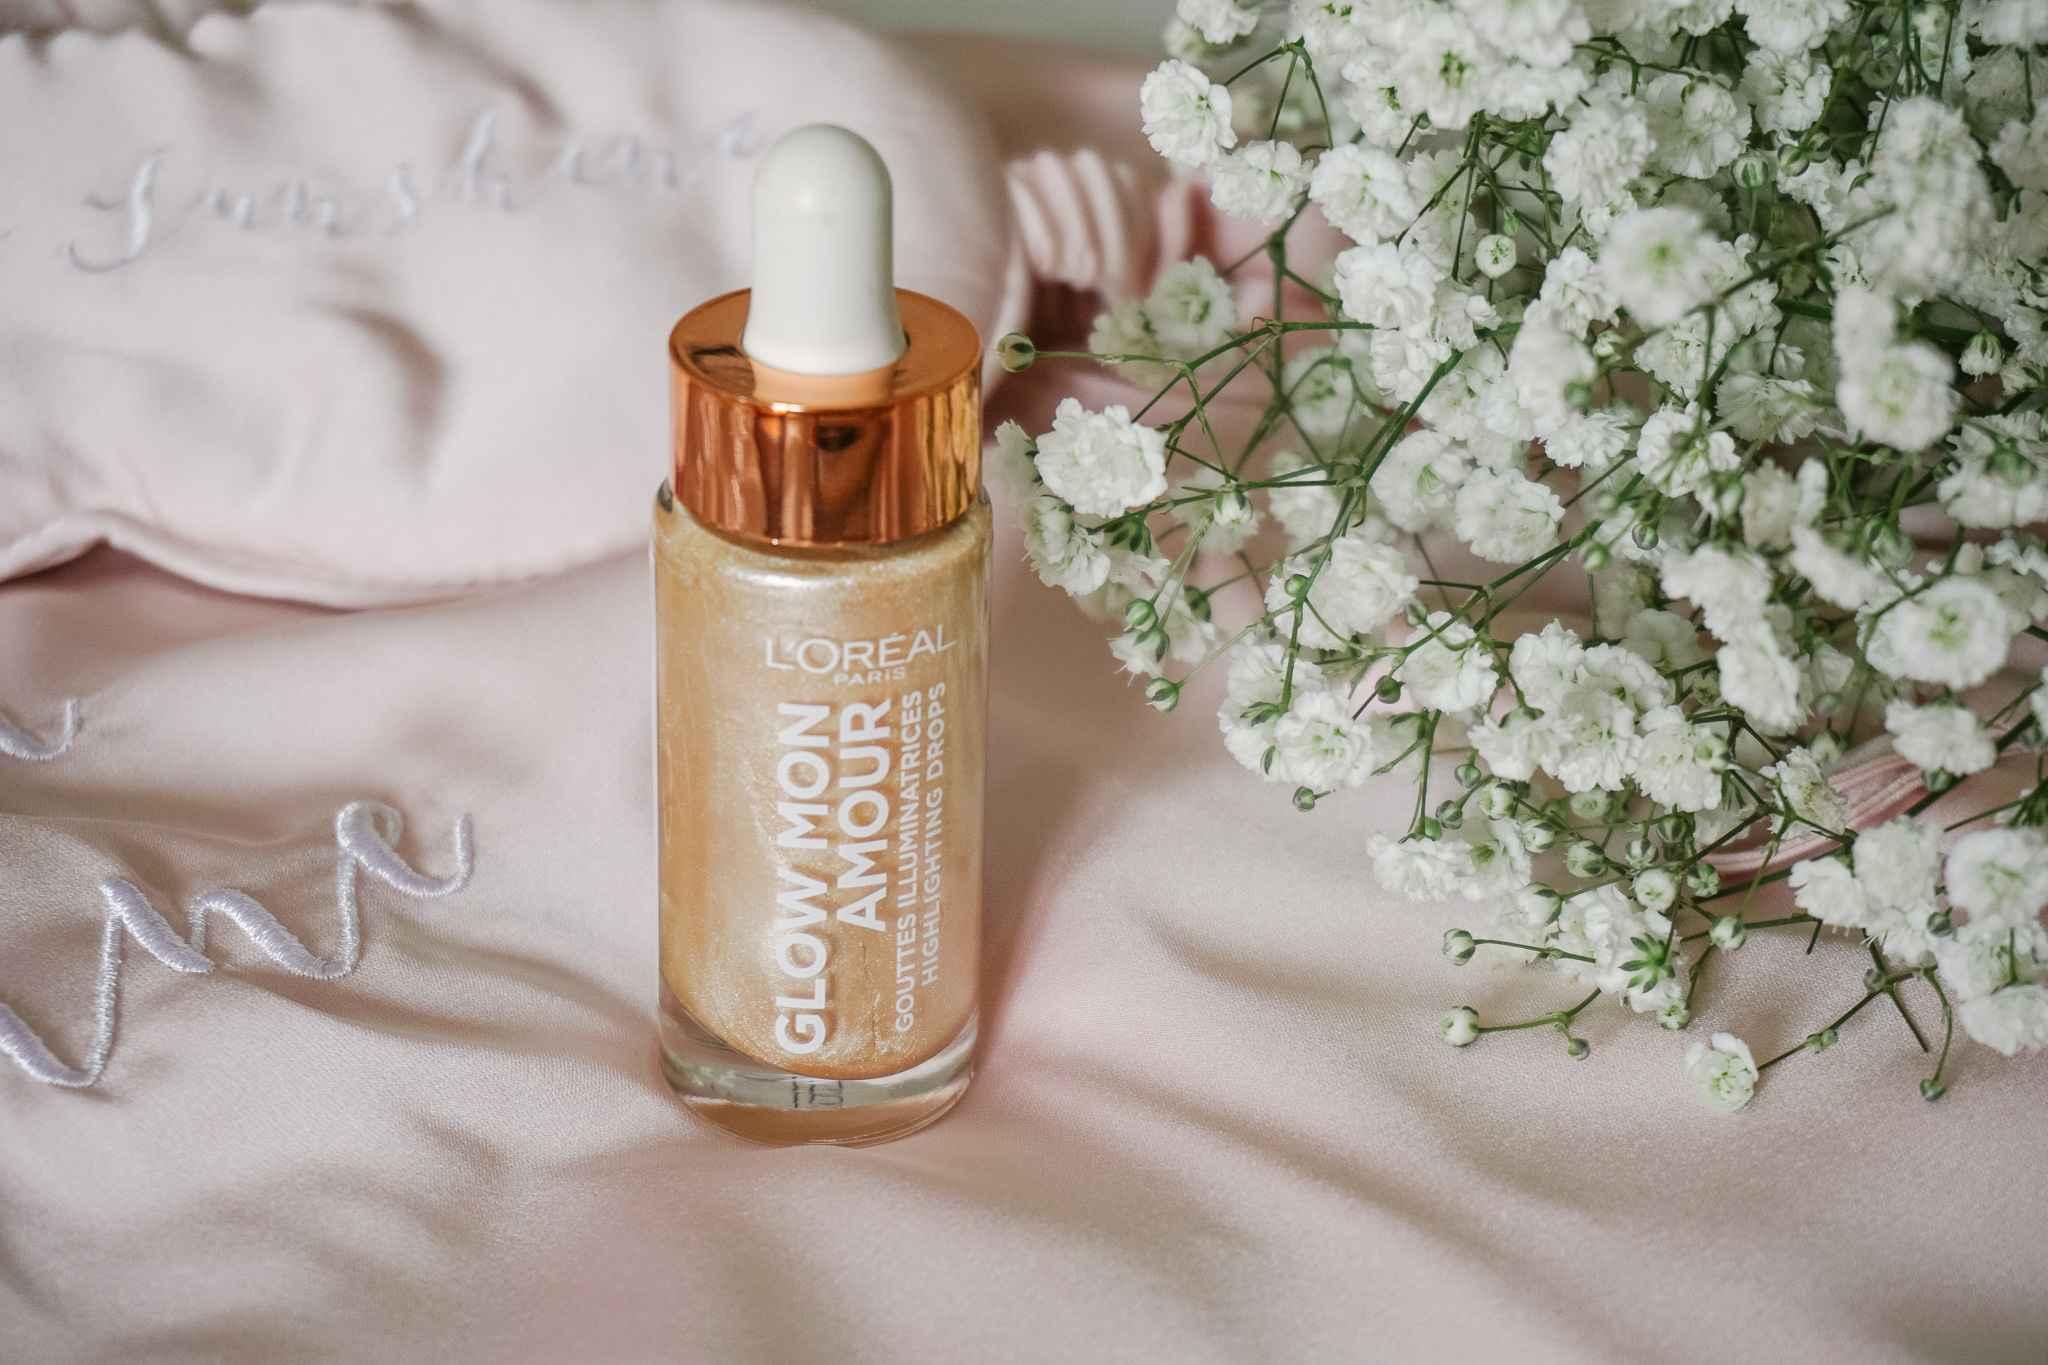 Glow Mon Amour L'Oréal Review